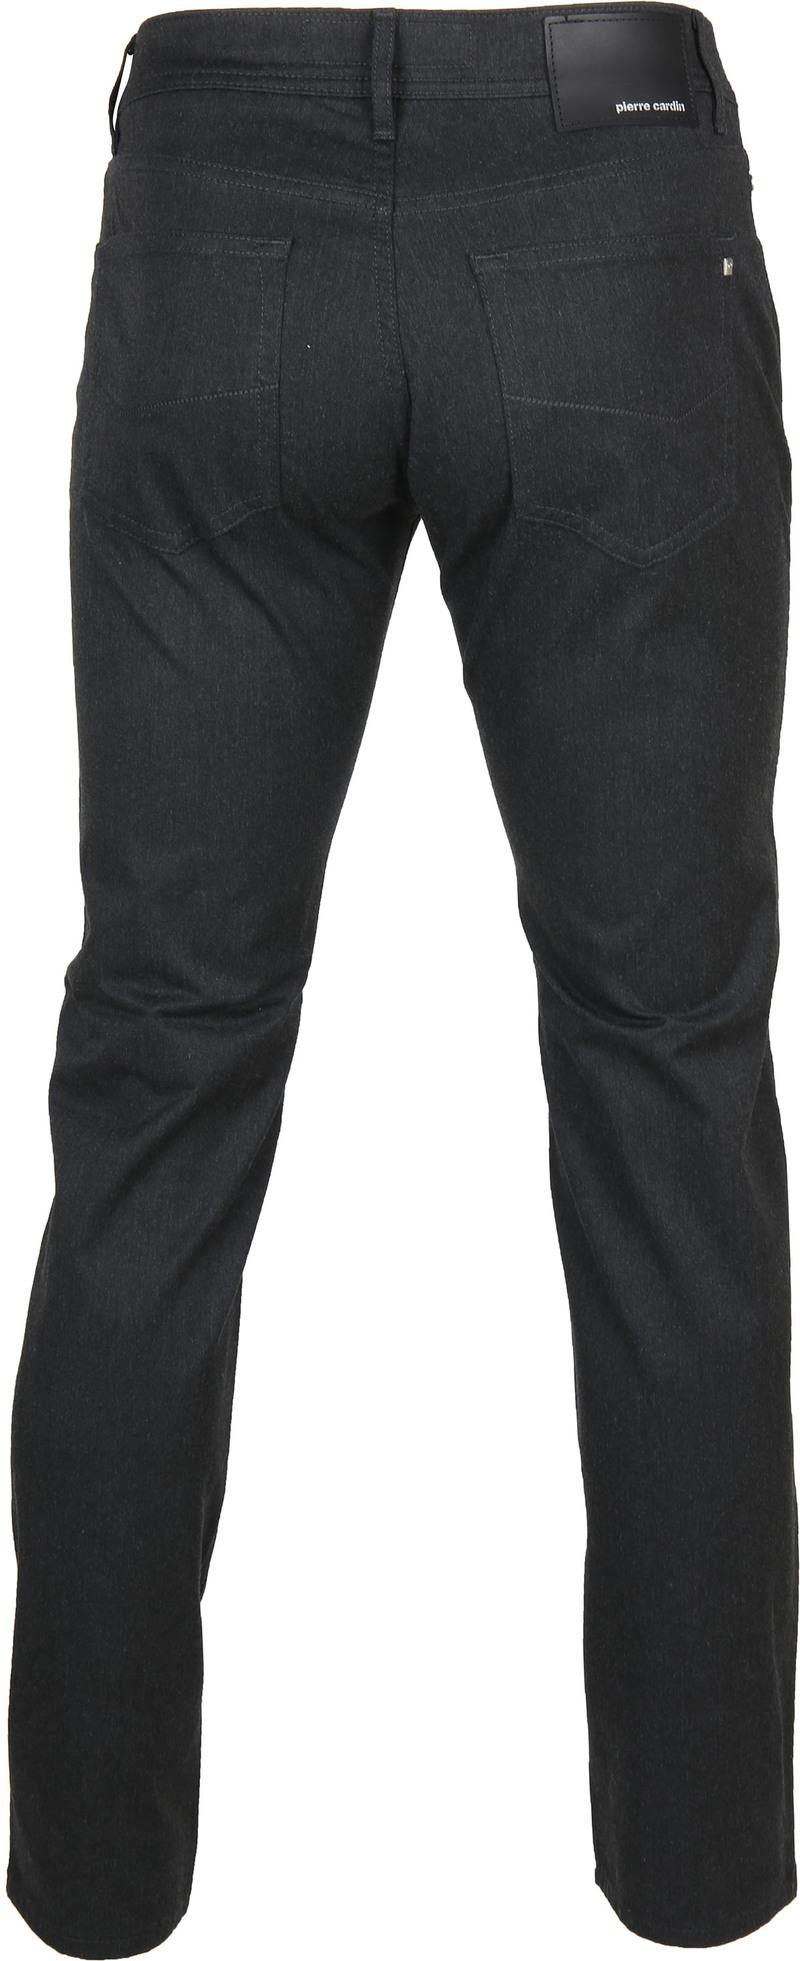 Pierre Cardin Jeans Antraciet Lyon  foto 4